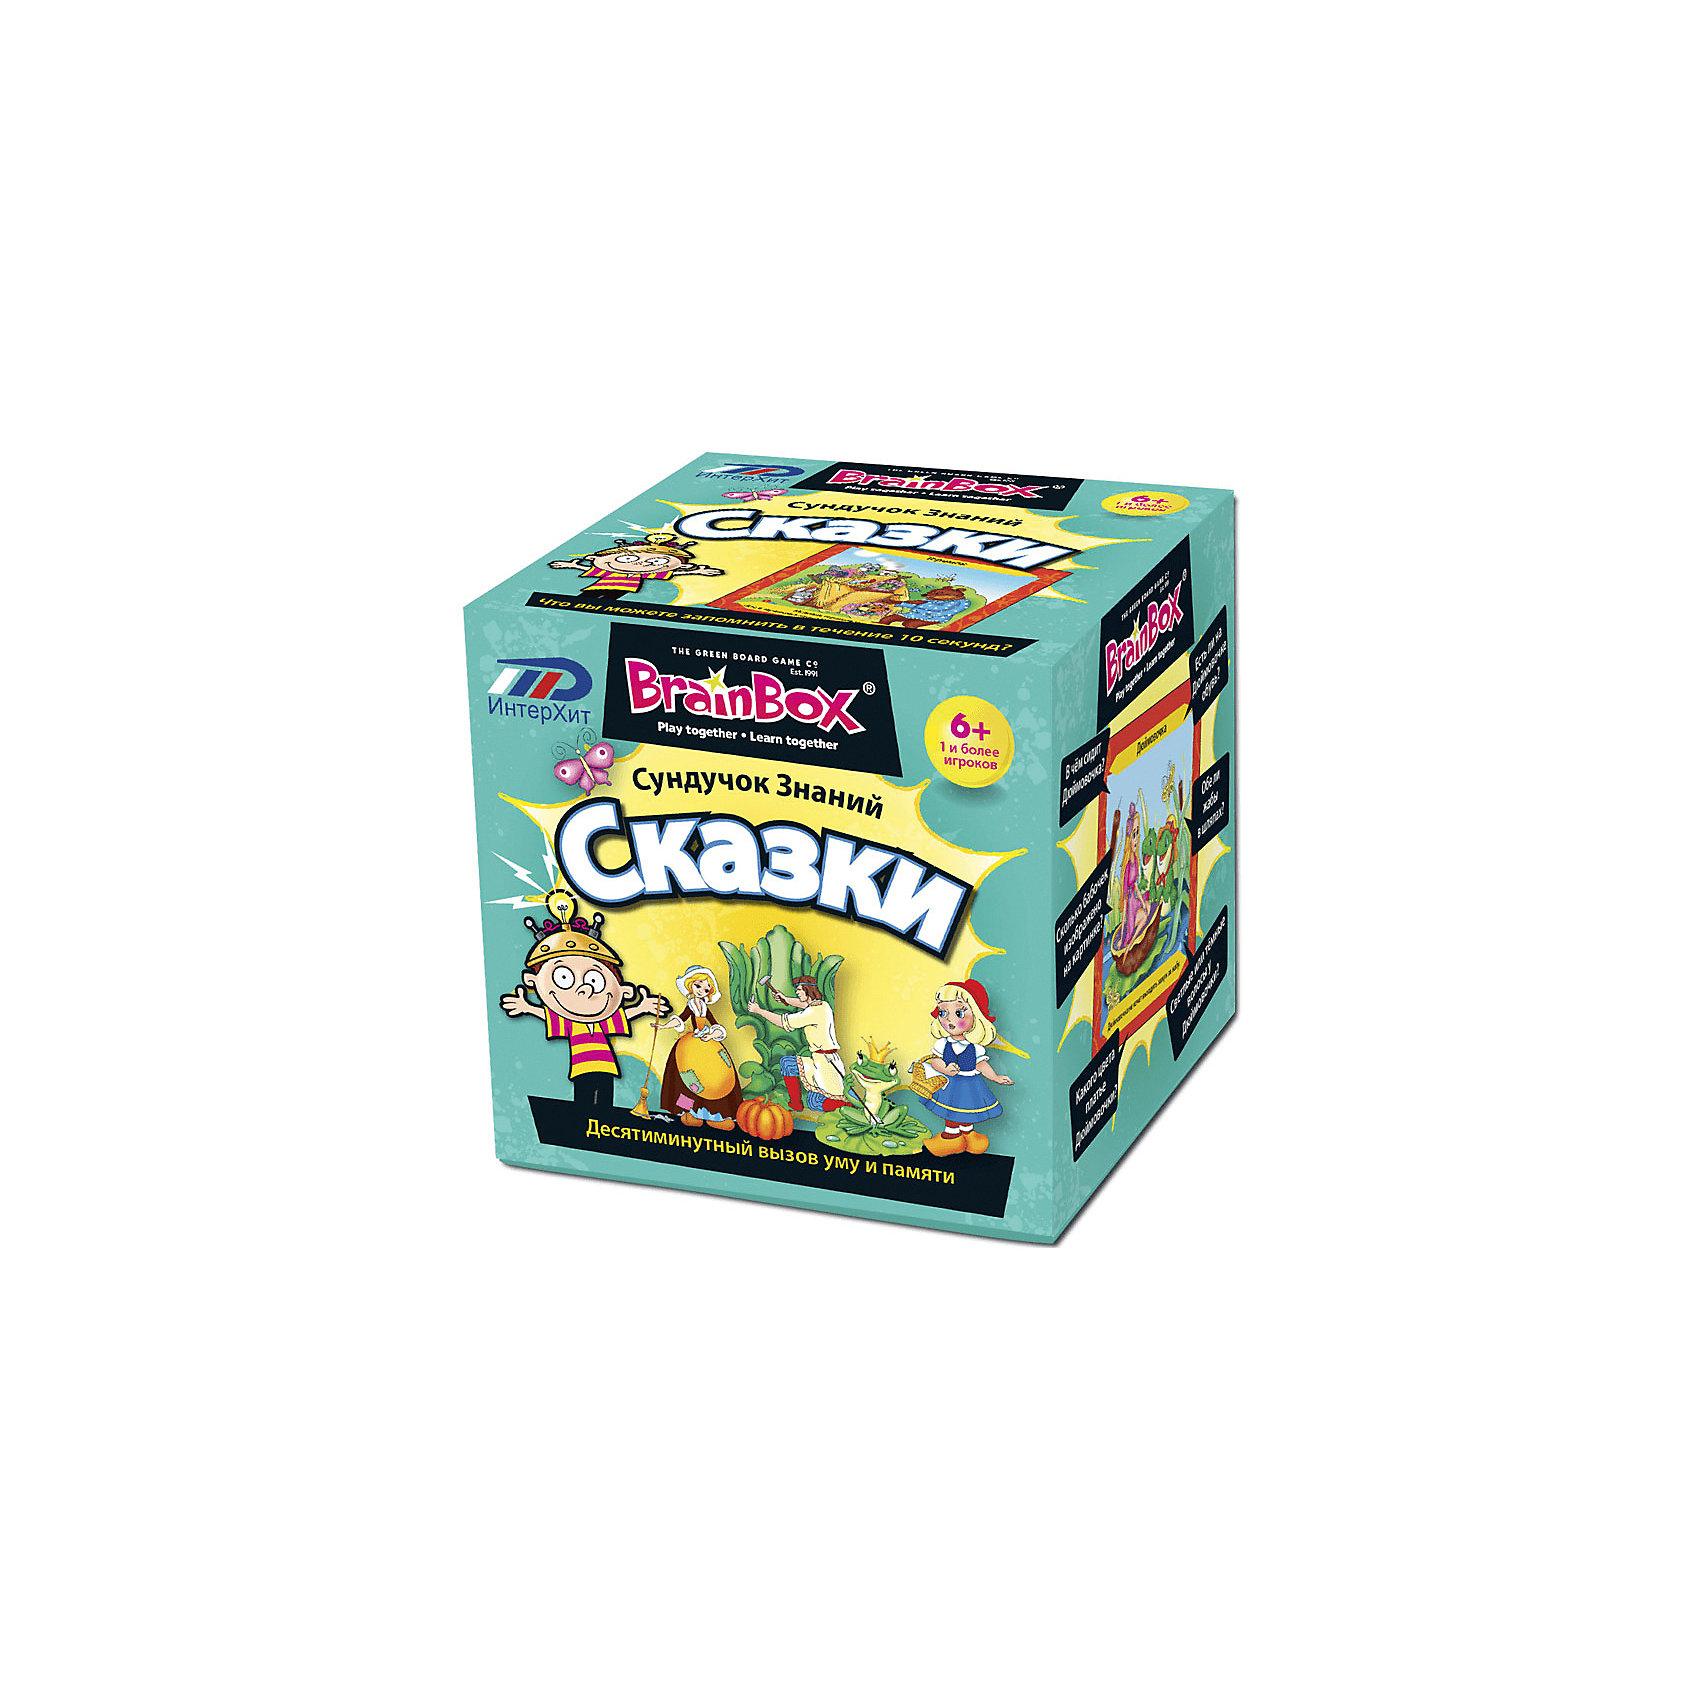 Сундучок знаний  Сказки,  BrainBoxРазвивающие игры<br>Сундучок знаний «Сказки», BrainBox  (БрейнБокс) – увлекательная игра на внимательность для любителей сказок.<br><br>Игрок берет карточку, на которой изображен сюжет из какой-либо сказки и переворачивает песочные часы. Теперь у него есть 10 секунд, чтобы внимательно изучить карточку. Затем он бросает кубик, чтобы узнать номер вопроса, на который нужно ответить. Какие цветы в корзине? Все ли сундуки с сокровищами открыты? Сколько мешков изображено на картинке? Нужно быть очень наблюдательным! Если ответ верный, то игрок оставляет карточку себе, если же нет, то он возвращает карточку назад в сундучок, а право хода передается следующему игроку.  Необходимо набрать как можно больше карточек за 10 минут. <br><br>Комплектация:<br>- 70 карточек<br>- карточка-инструкция<br>- песочные часы<br>- кубик<br><br>Дополнительная информация:<br><br>- размер коробки: 12х12х12 см<br>- вес: 700 г<br><br>Сундучок знаний «Сказки», BrainBox  (БрейнБокс) – это отличное времяпрепровождение с семьей или друзьями. Проверьте кто из вас самый внимательный!<br><br>Сундучок знаний «Сказки», BrainBox  (БрейнБокс) можно купить в нашем магазине.<br><br>Ширина мм: 120<br>Глубина мм: 120<br>Высота мм: 120<br>Вес г: 700<br>Возраст от месяцев: 60<br>Возраст до месяцев: 84<br>Пол: Унисекс<br>Возраст: Детский<br>SKU: 3574600